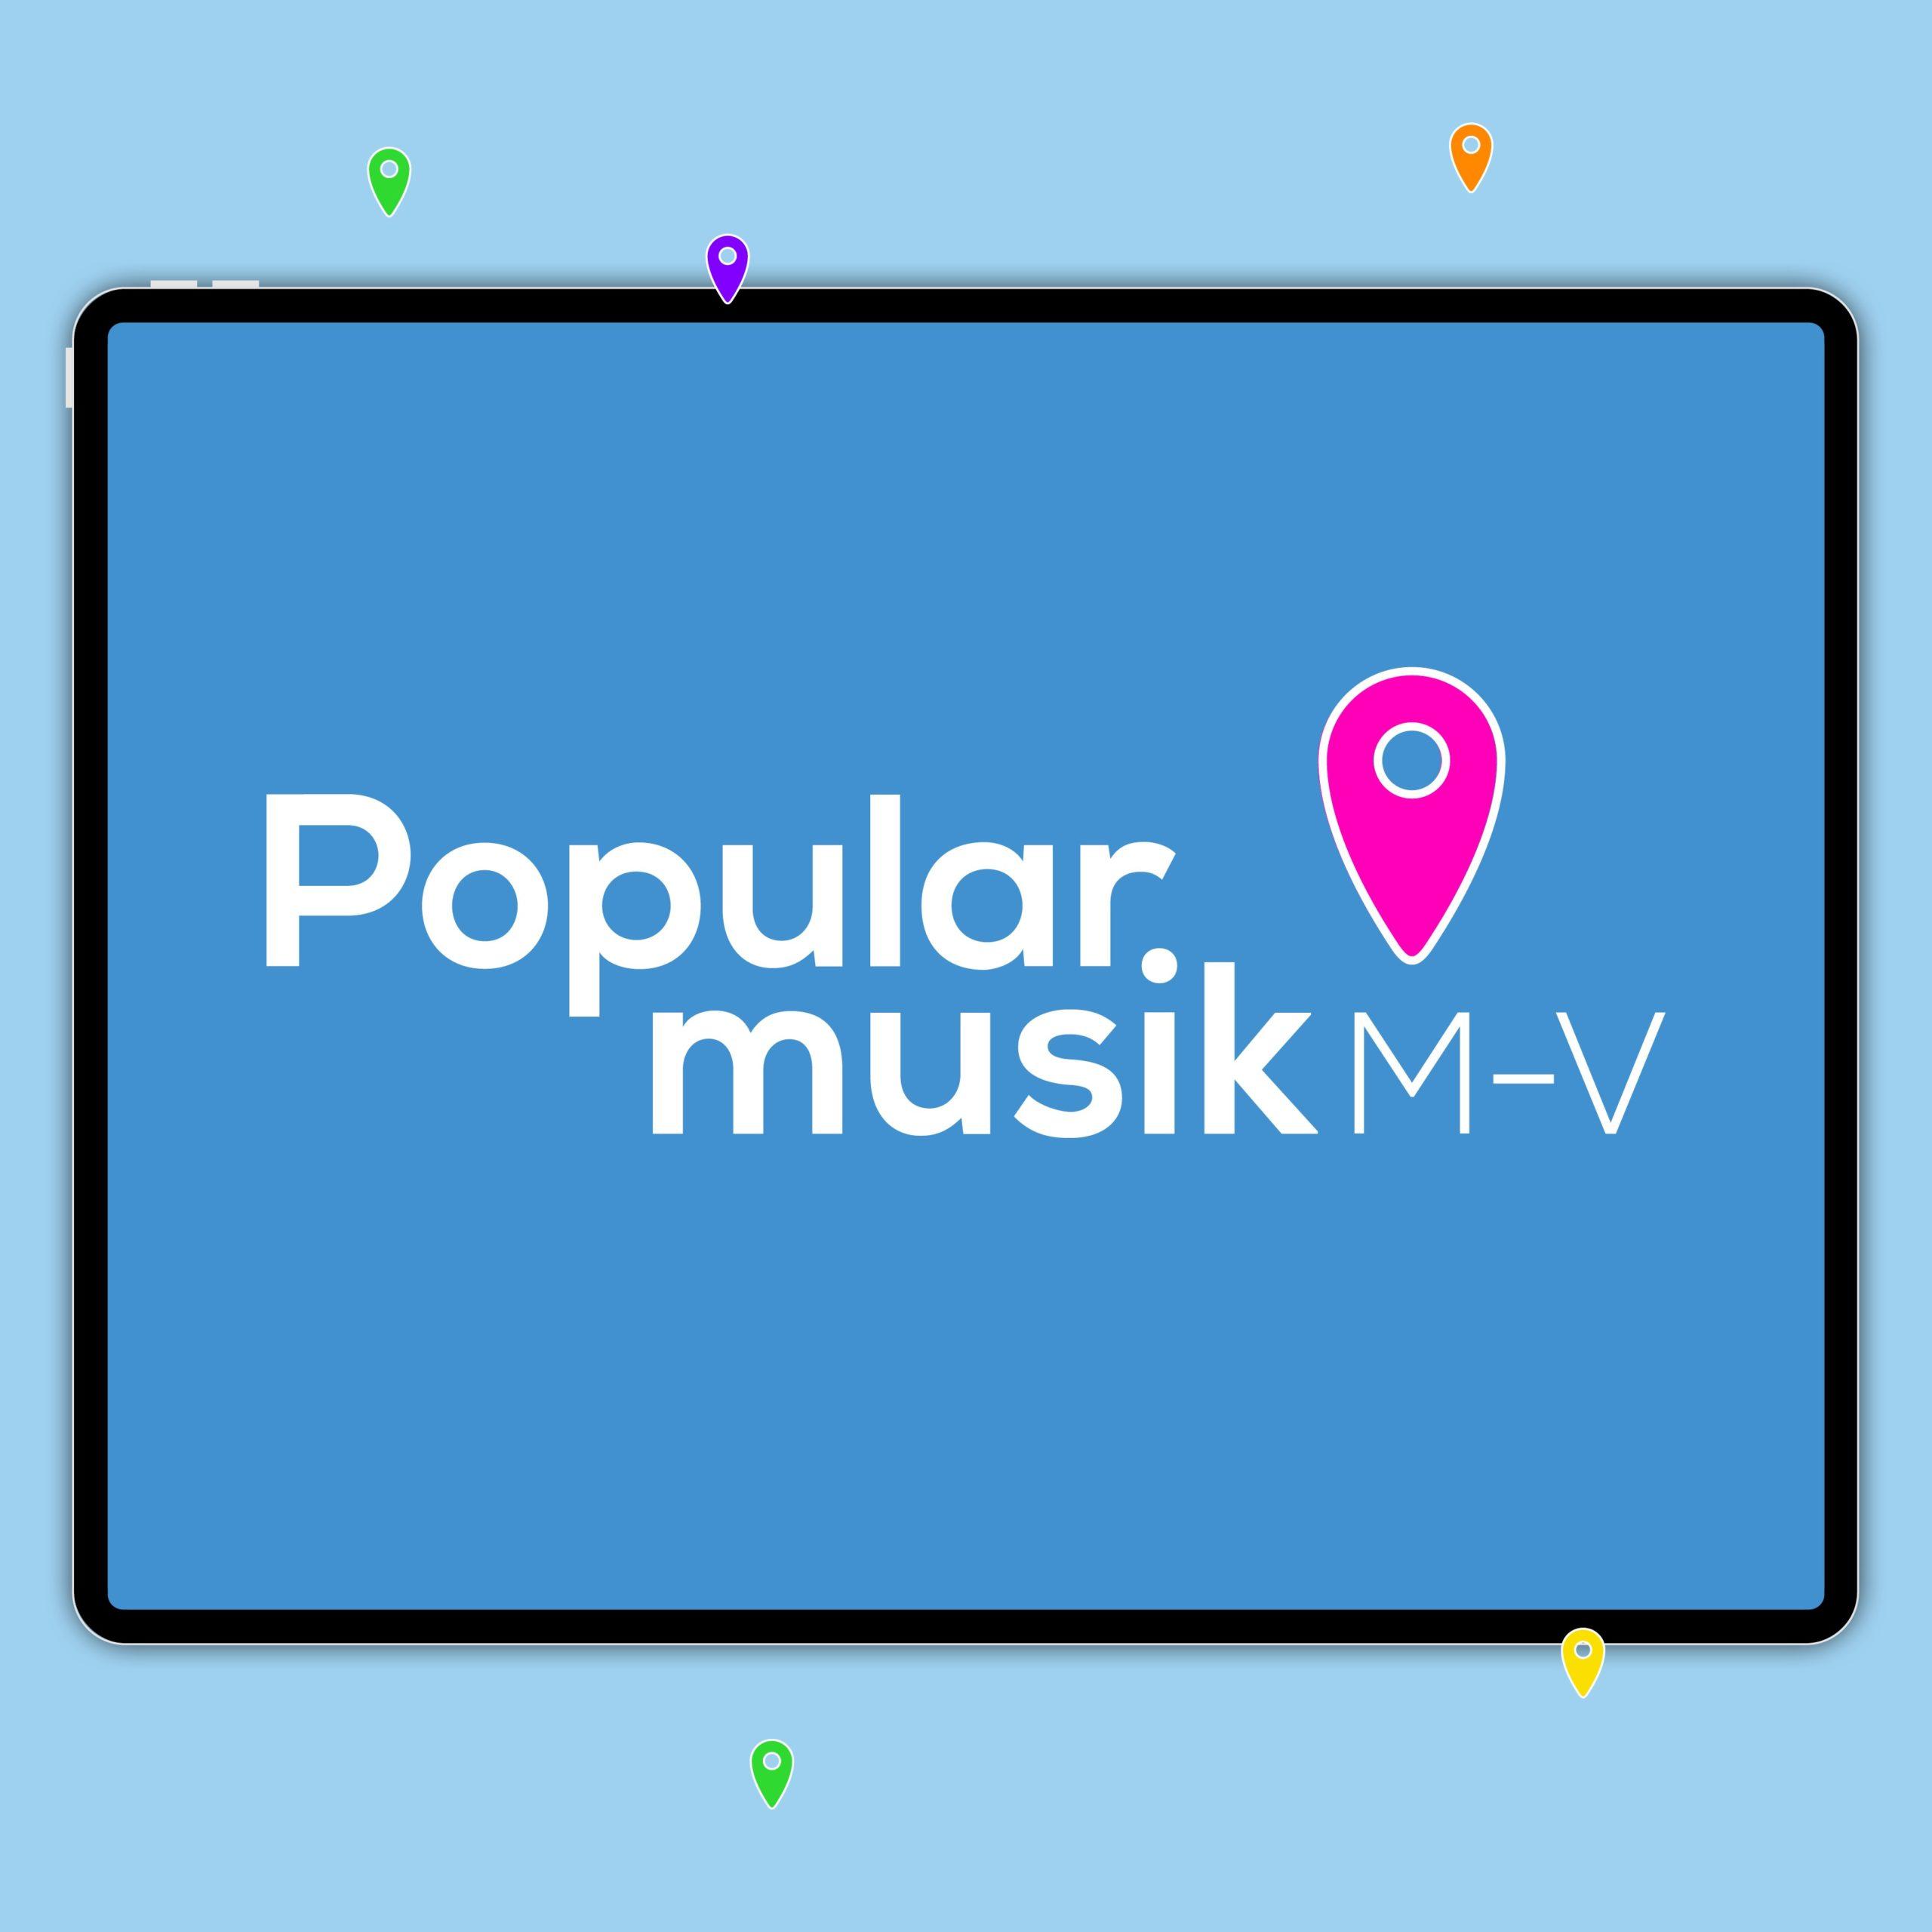 Atlas Populärmusik M-V